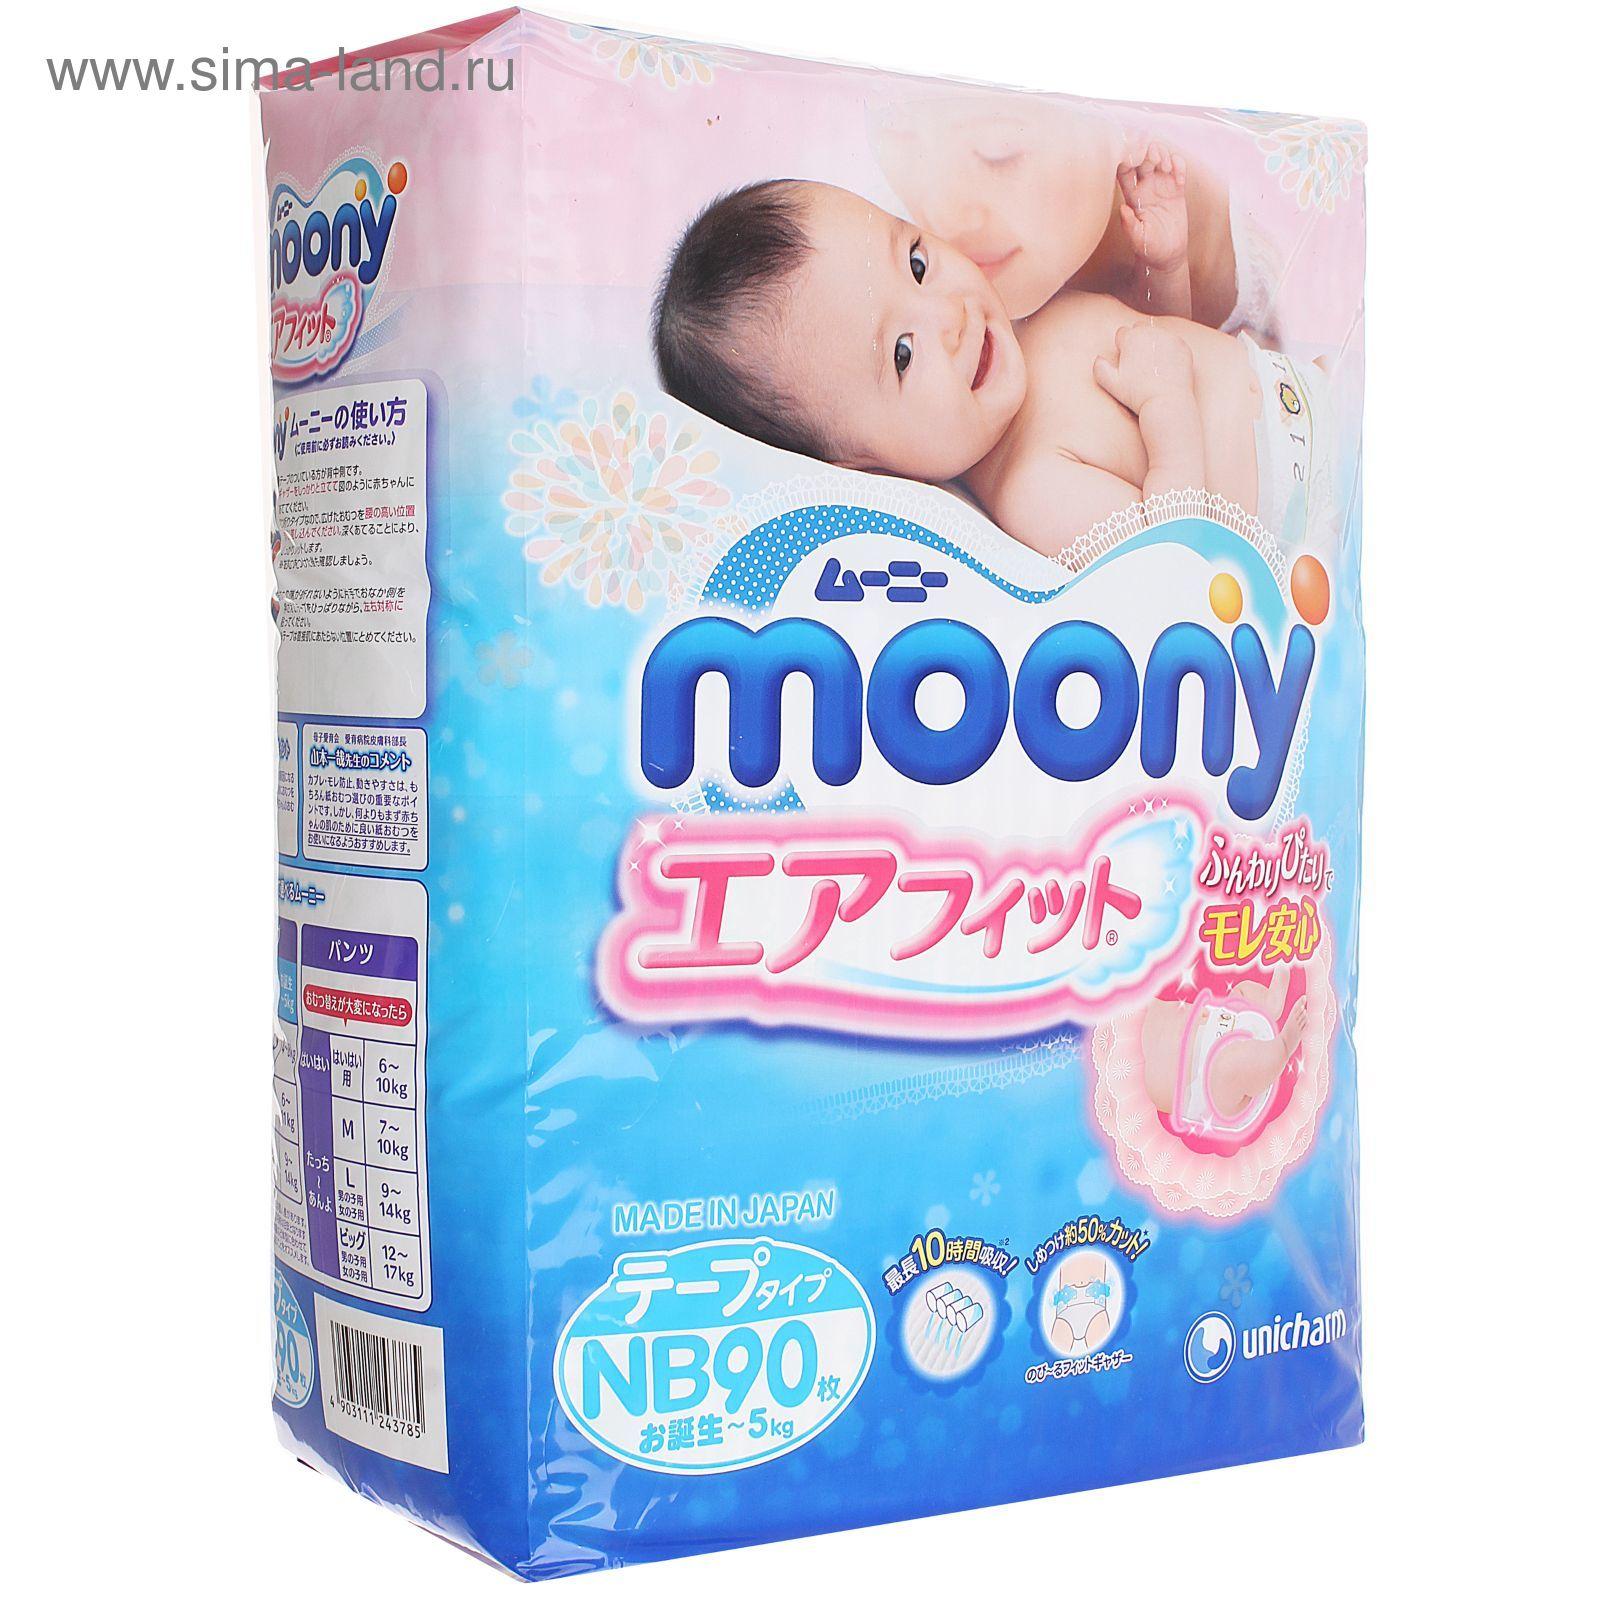 Подгузники Moony, размер NB (0-5 кг), 90 шт (559909) - Купить по ... 30d4e8a172e